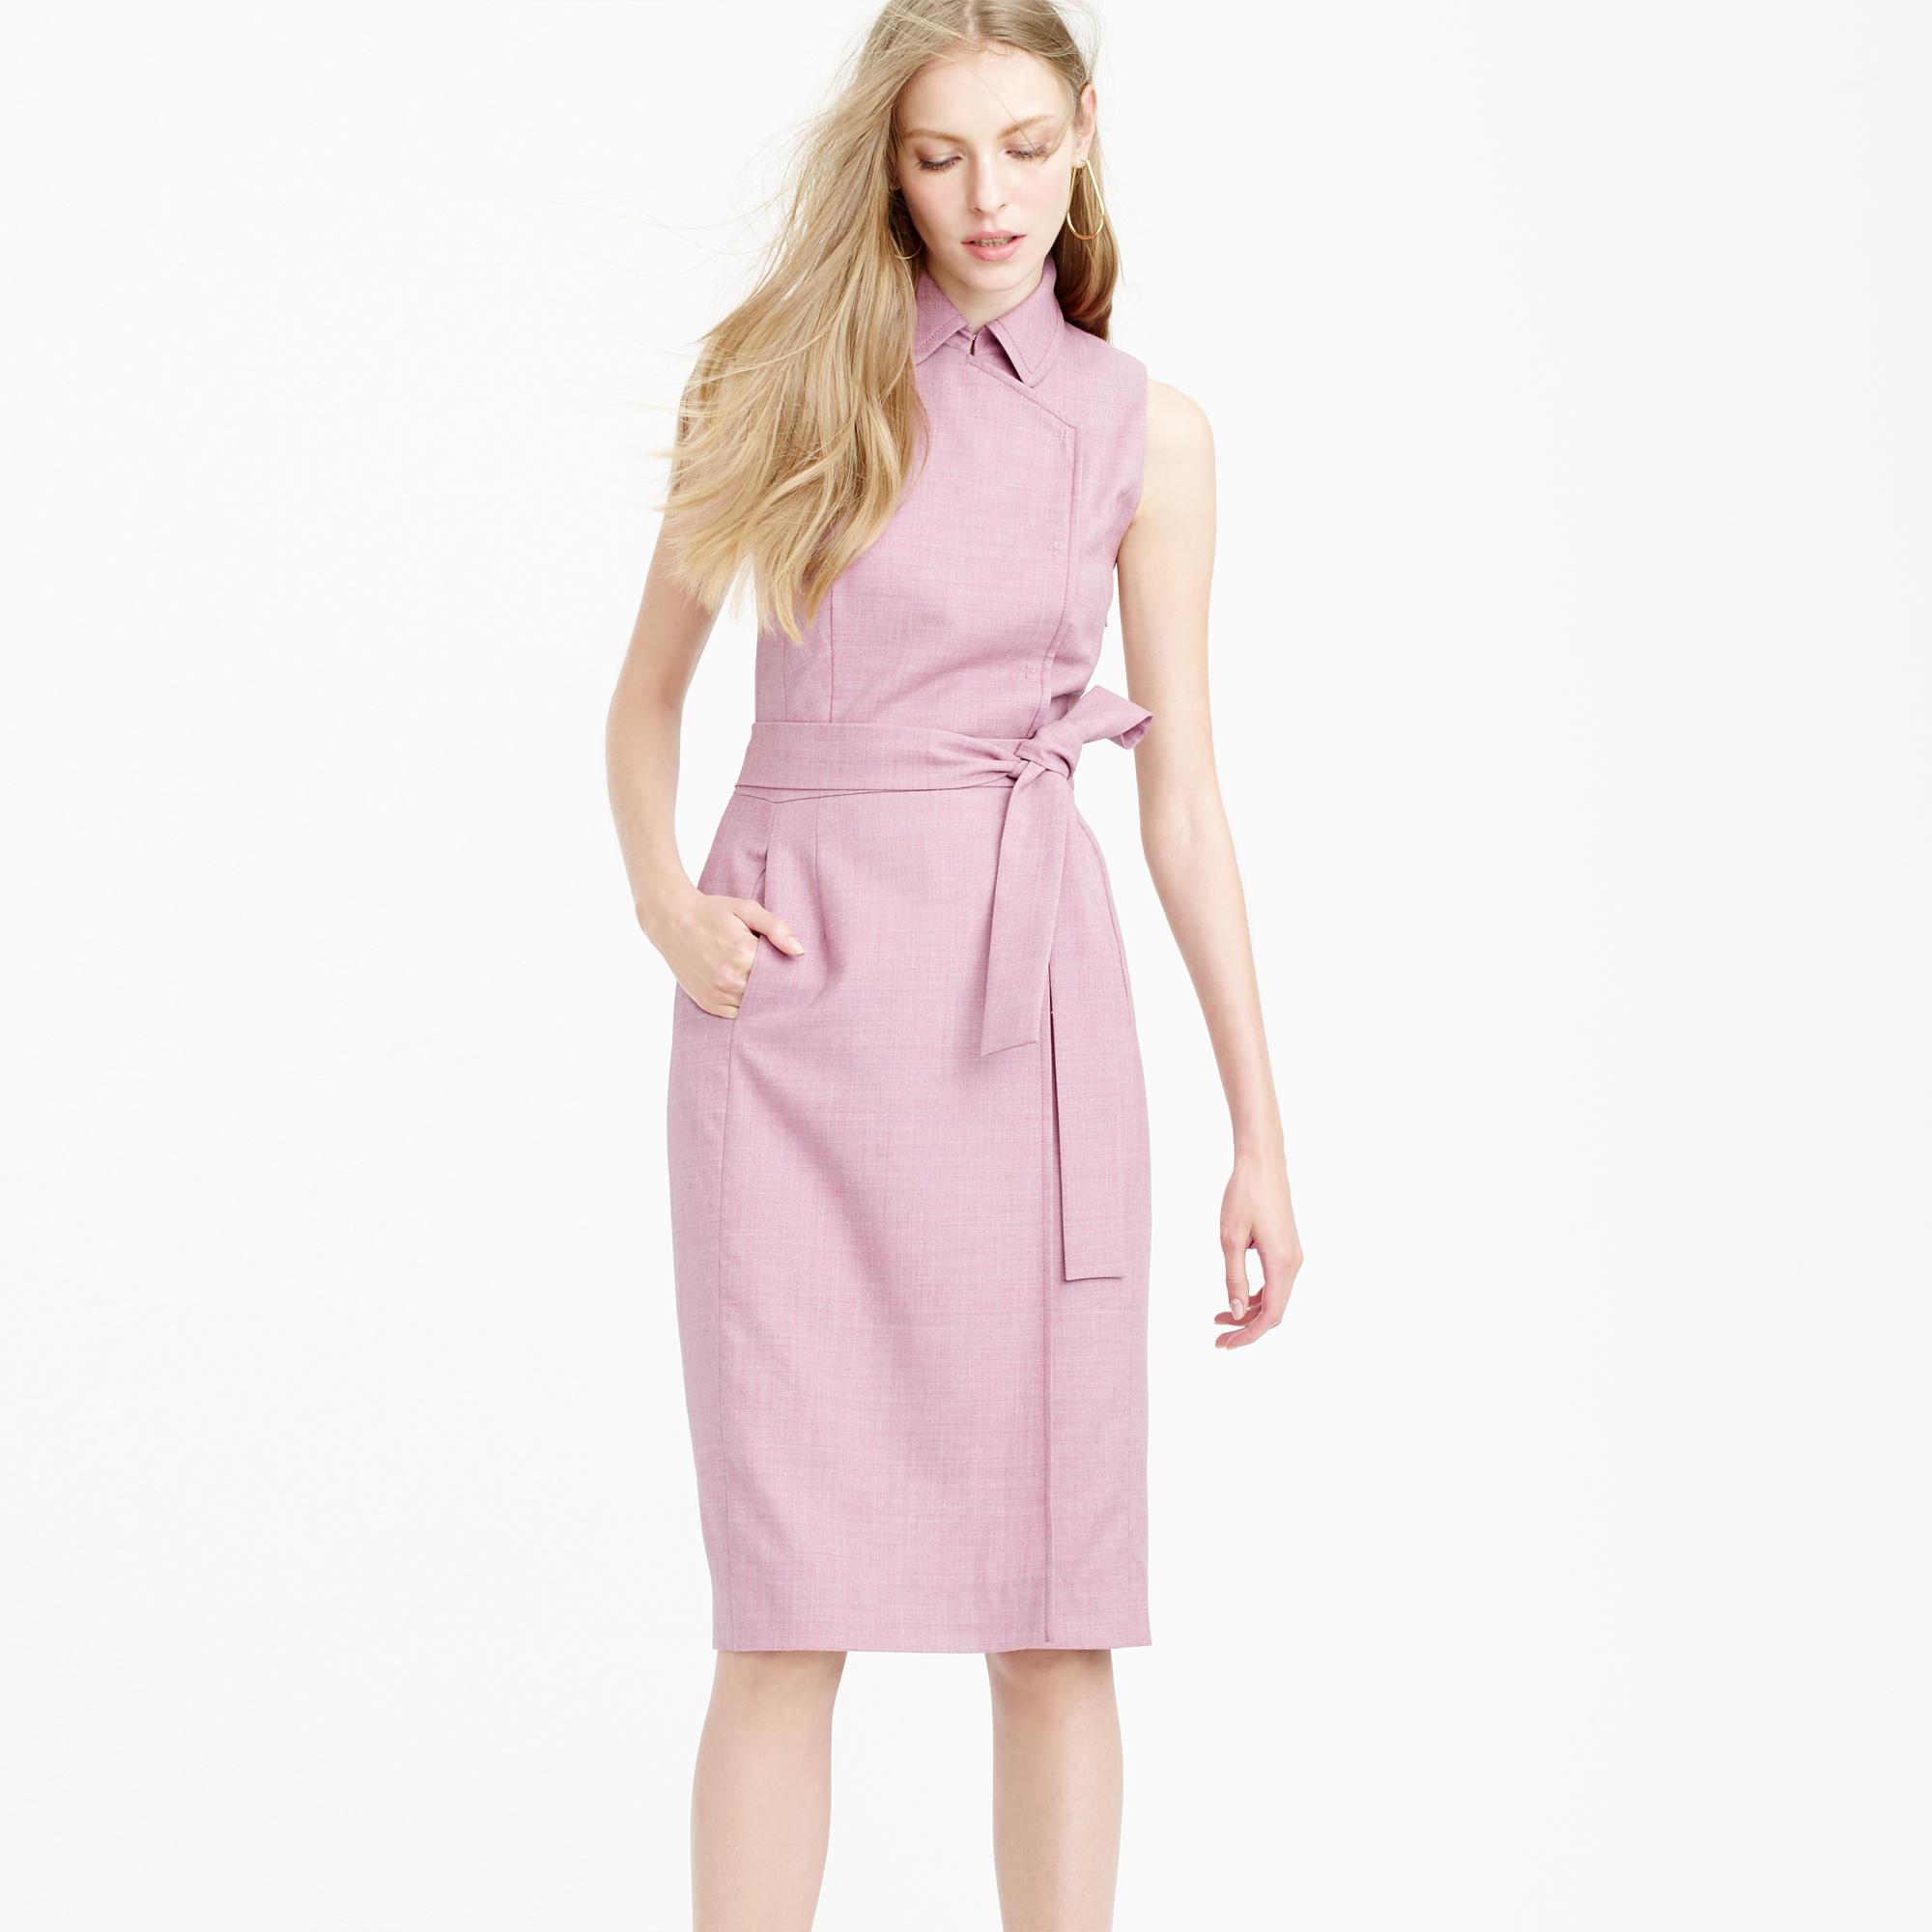 J Crew Faux Wrap Trench Dress In Super 120s Wool In Purple